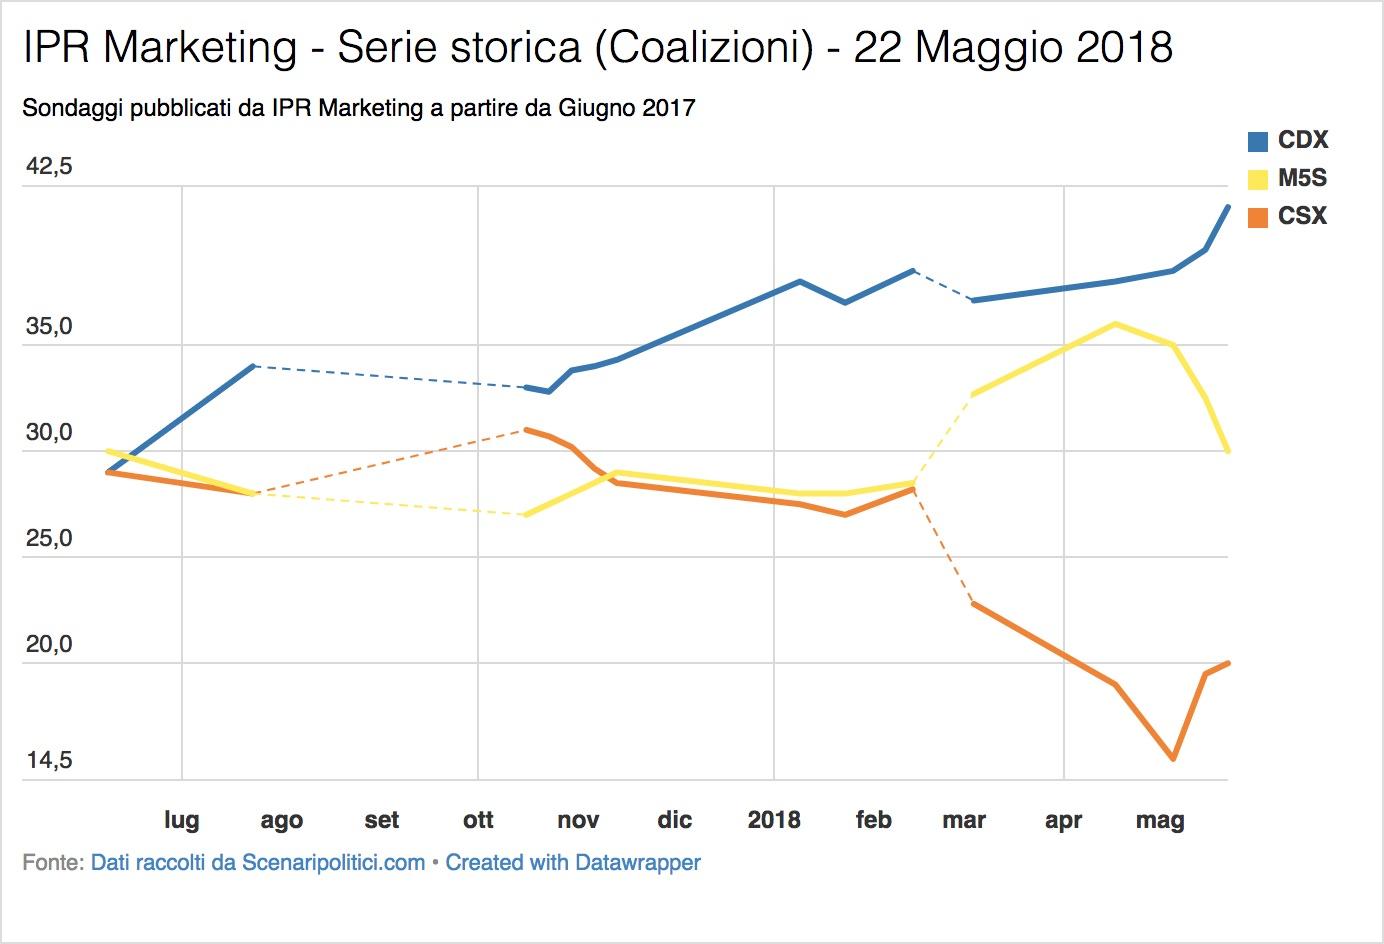 Sondaggio IPR Marketing (22 Maggio 2018)